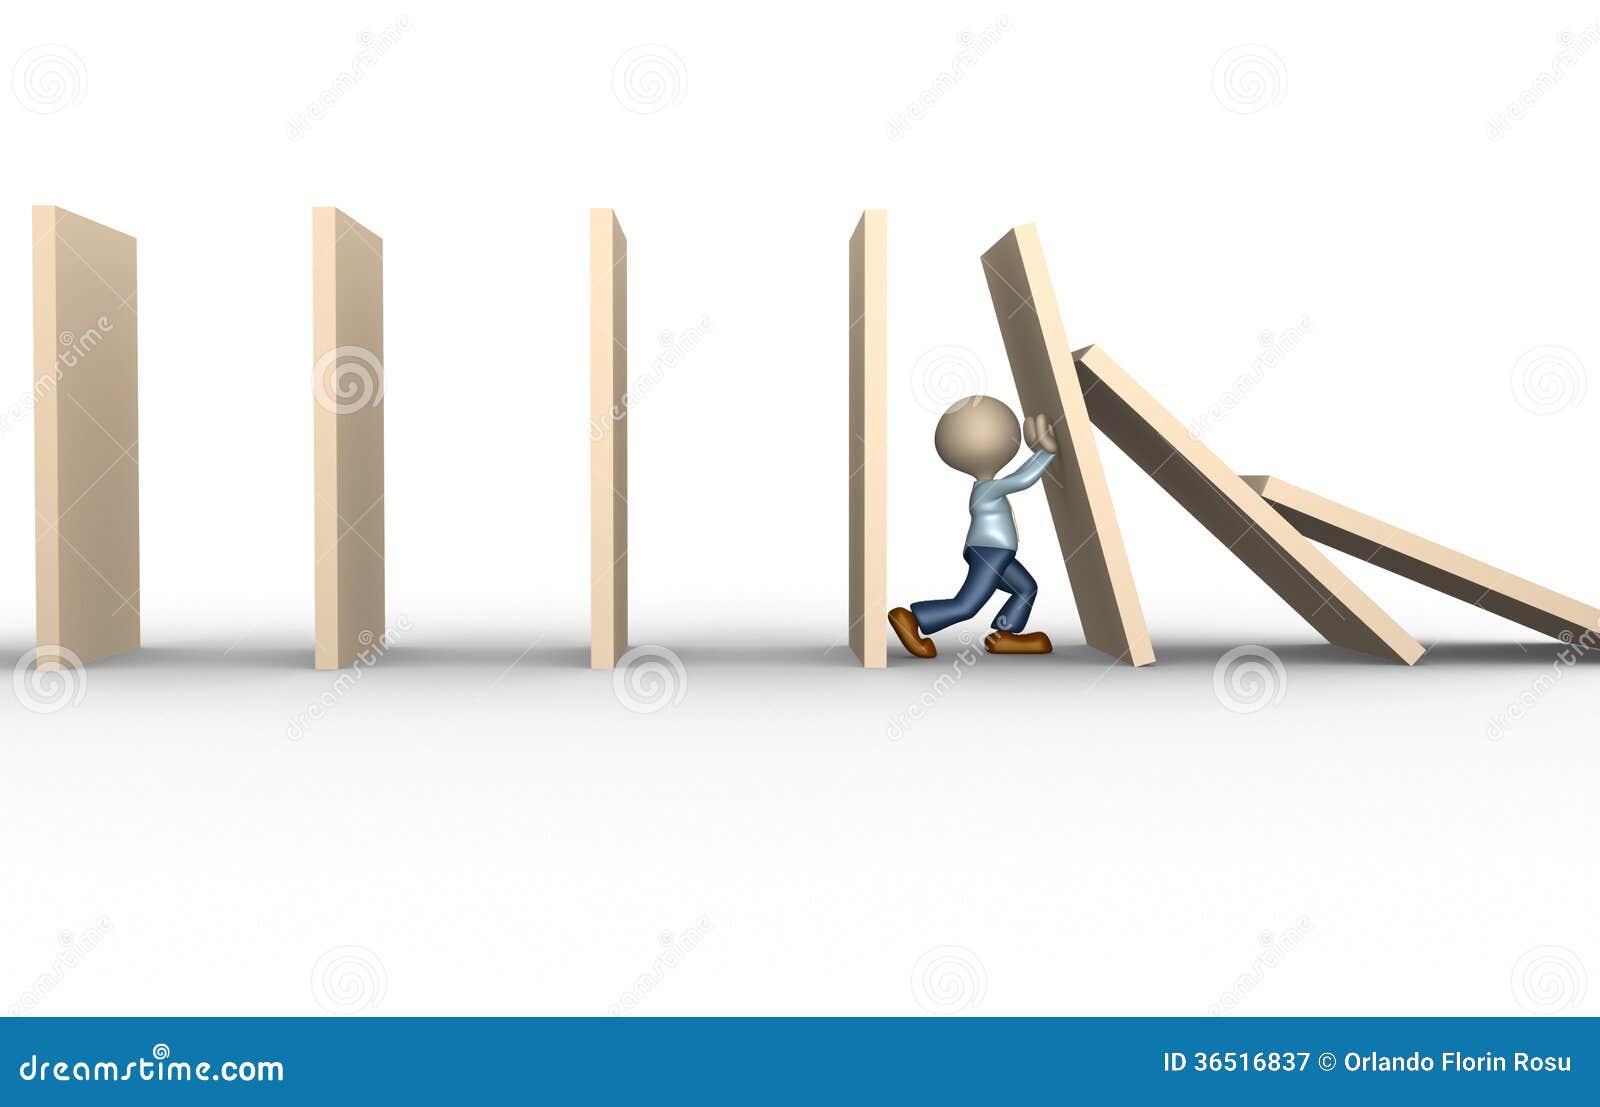 Effet de domino